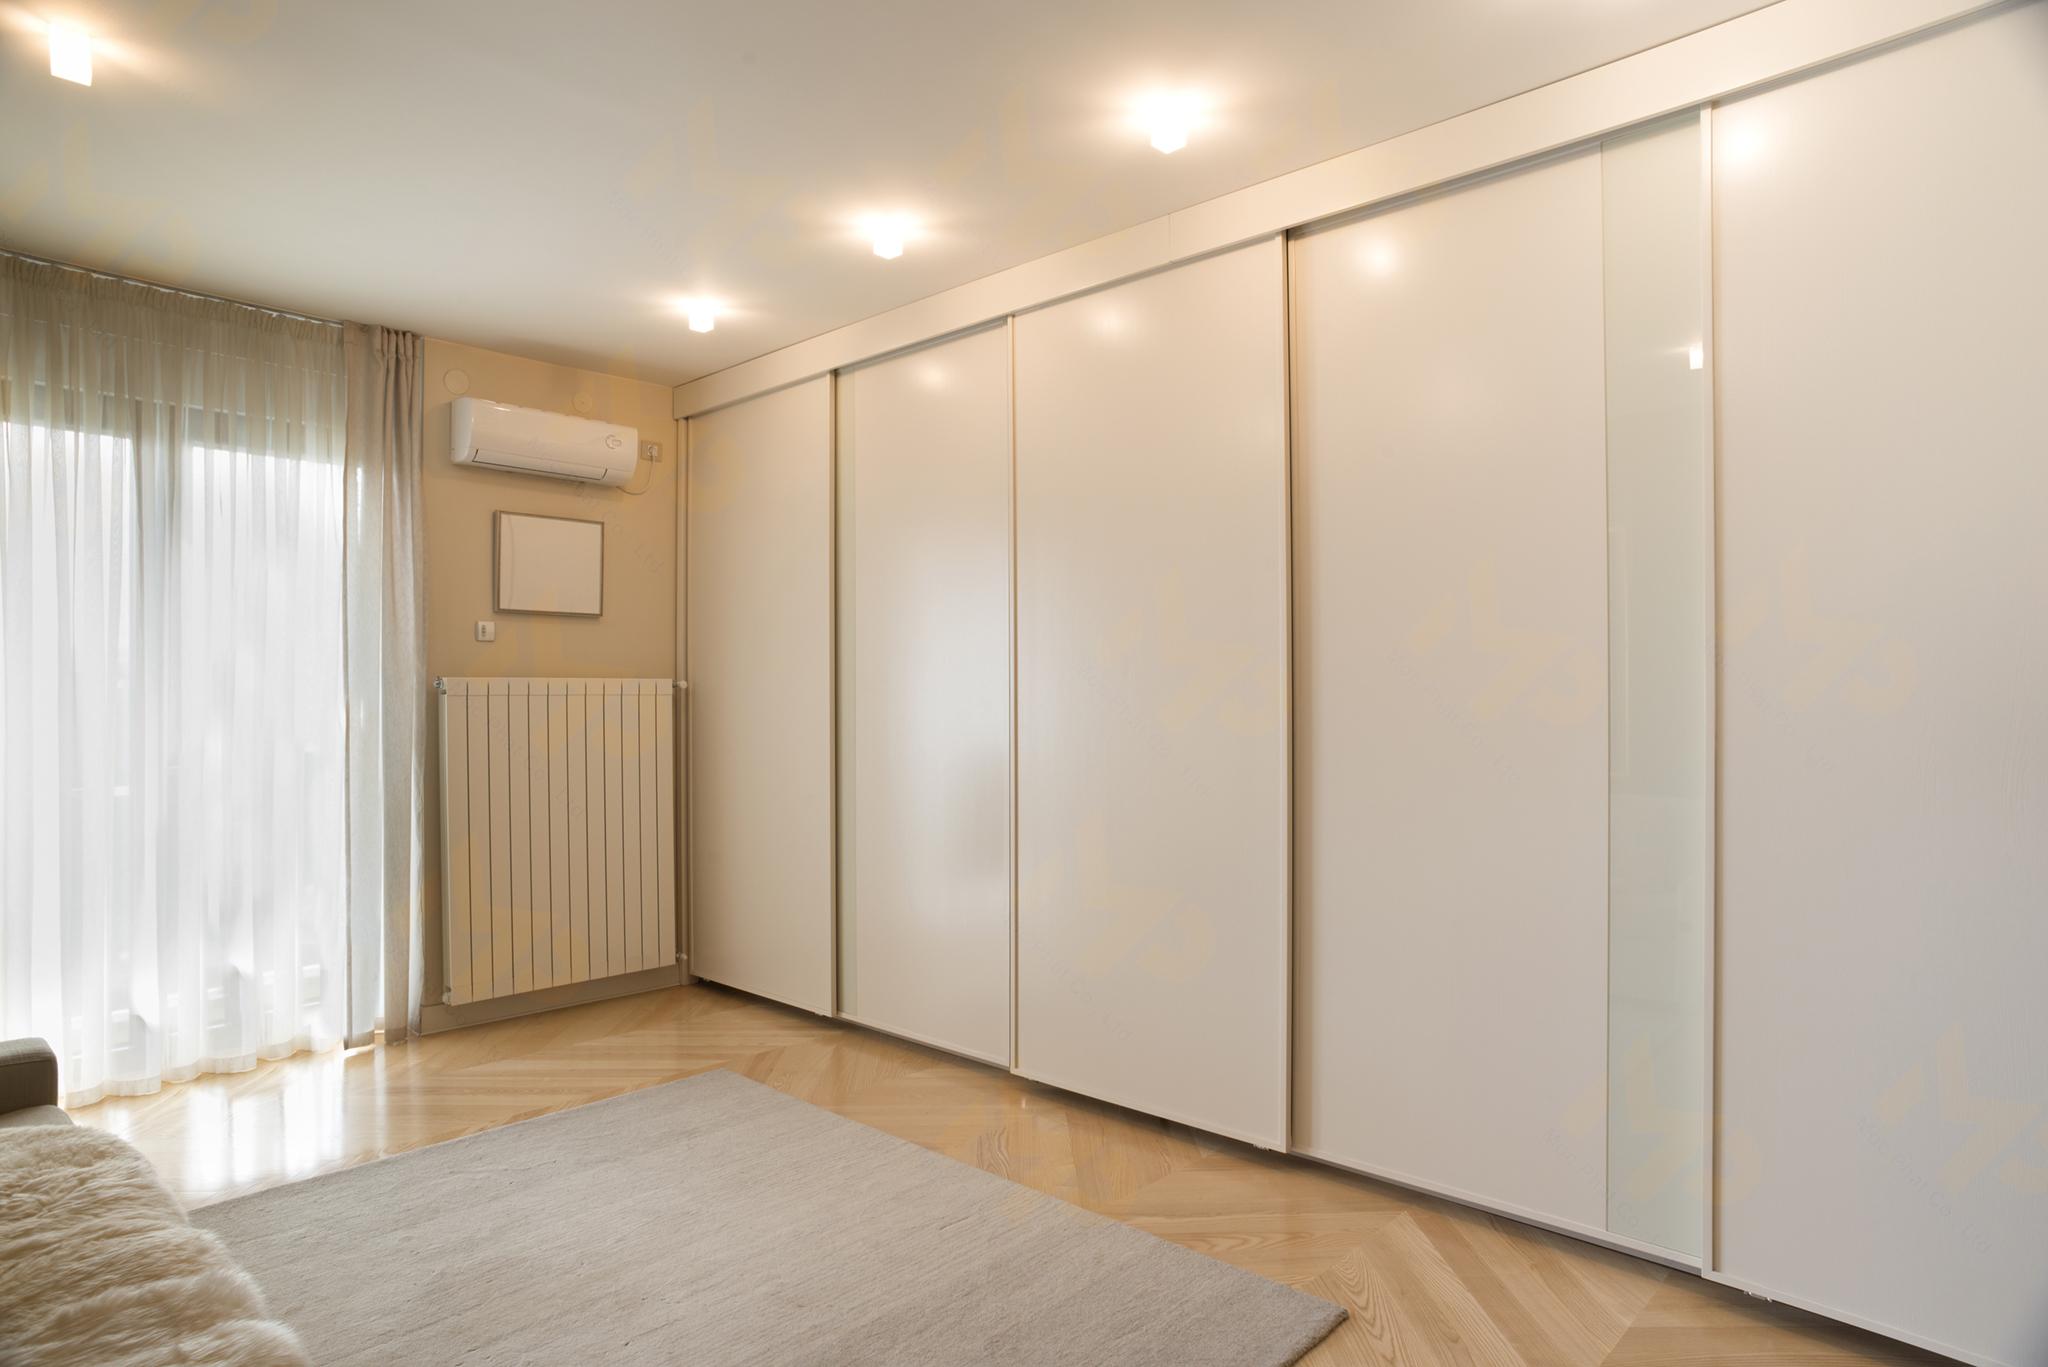 Trang trí phòng ngủ với nội thất Acrylic